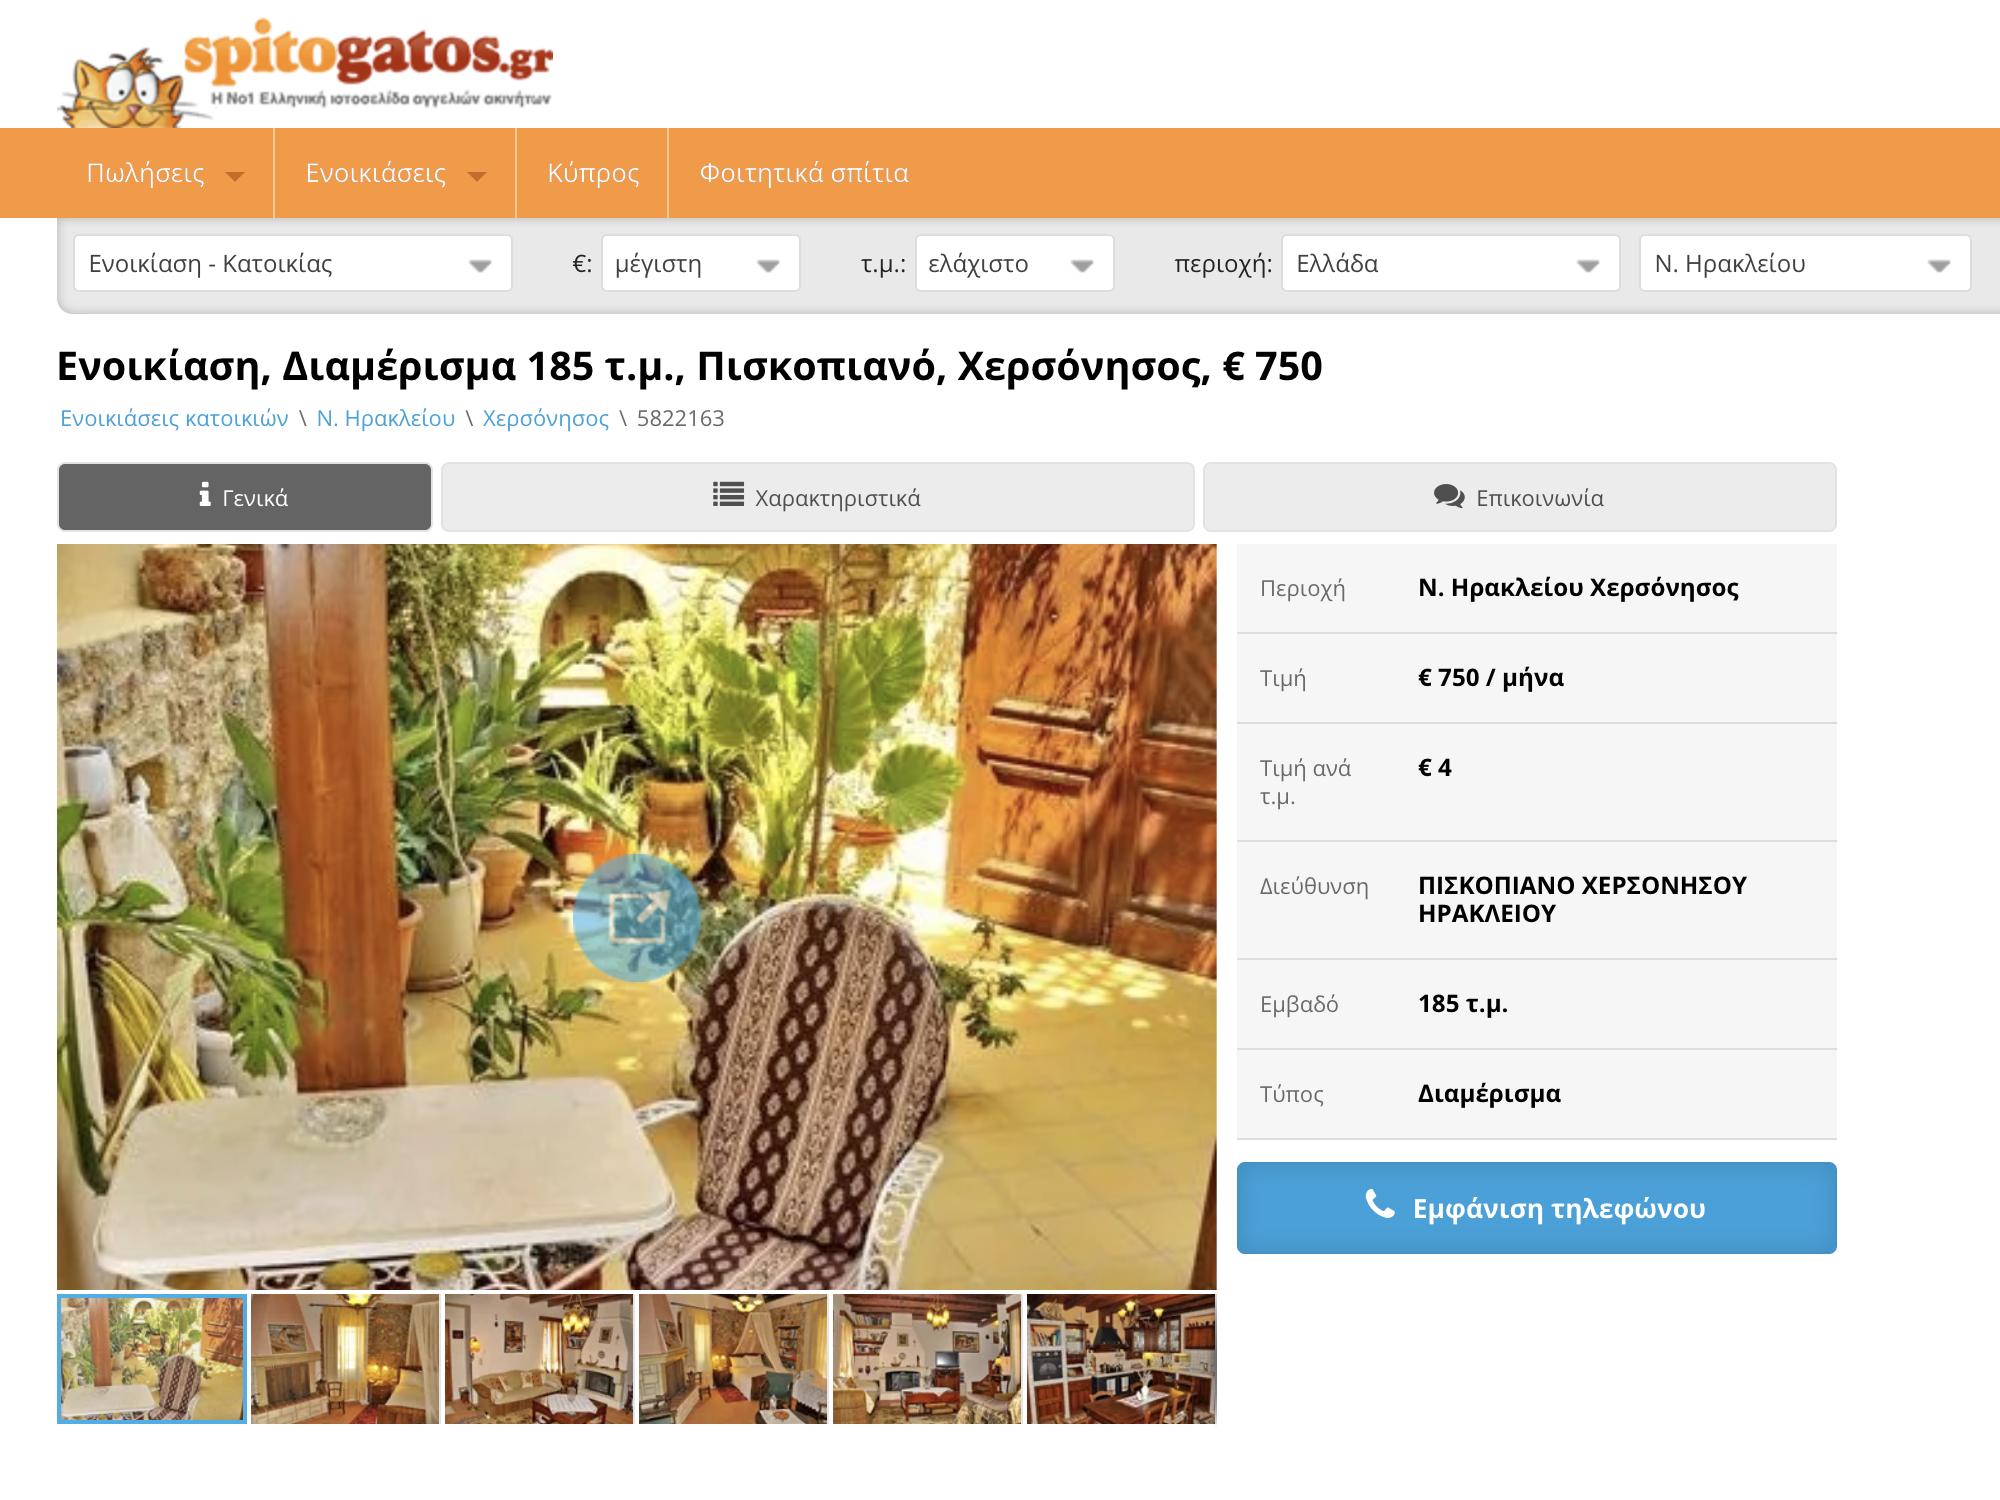 Вилла в деревне Пископьяно с тремя спальнями сдается за 750€ (54 750<span class=ruble>Р</span>) в месяц